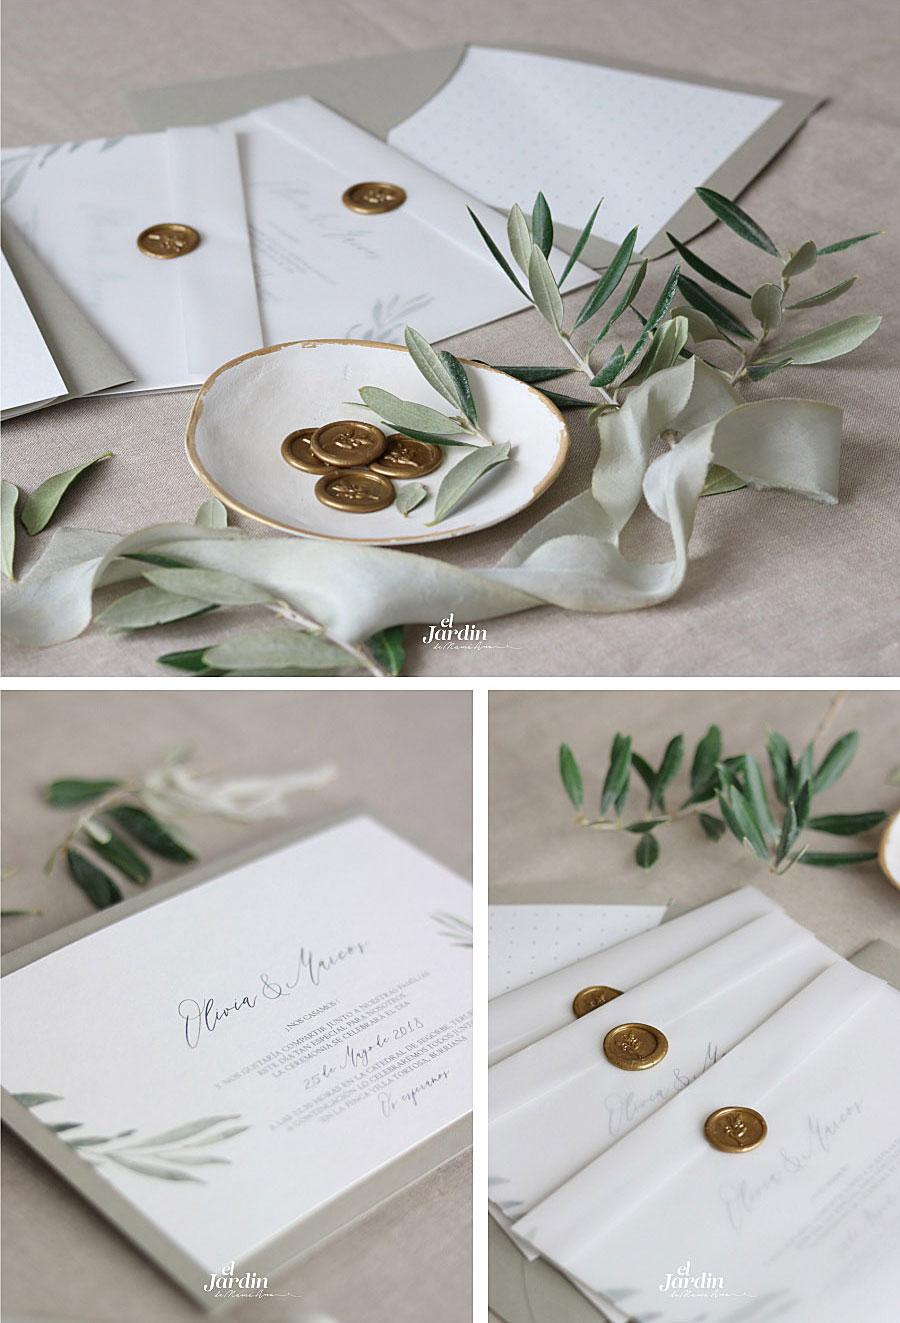 Invitaciones con motivos botánicos